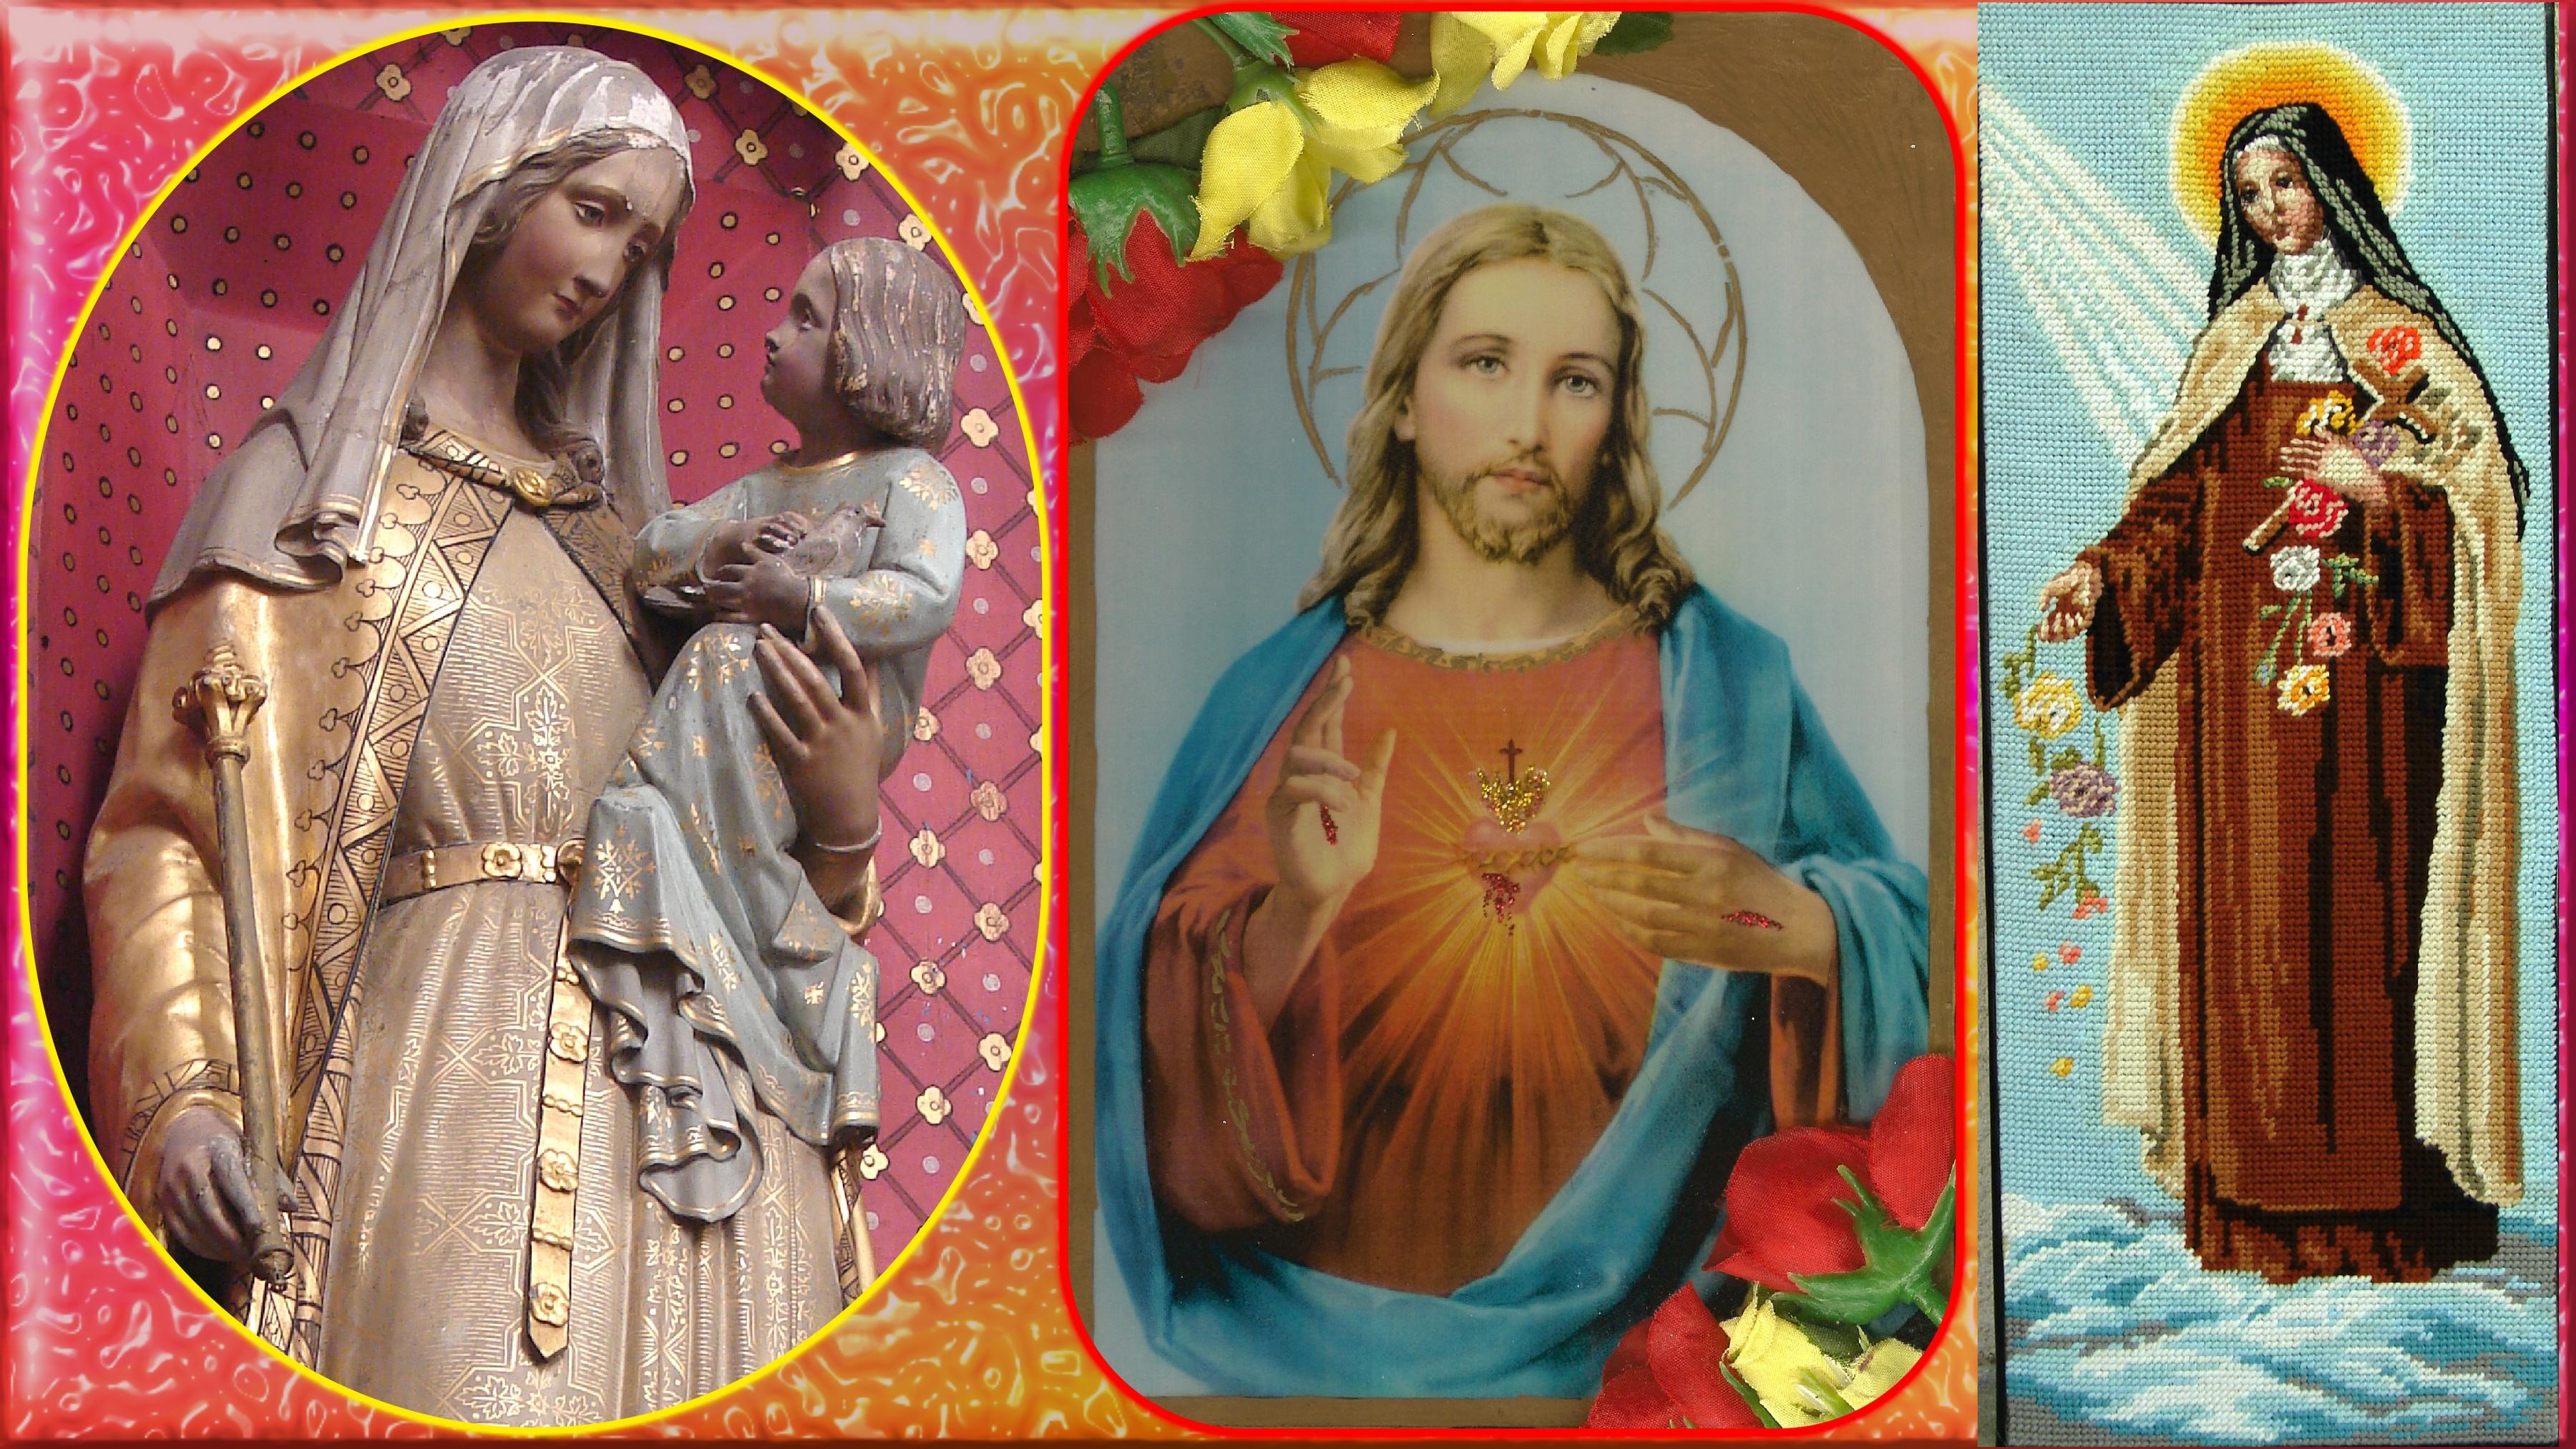 CALENDRIER CATHOLIQUE 2020 (Cantiques, Prières & Images) - Page 12 Marie-le-sacr--co...nt-j-sus-574d4c4